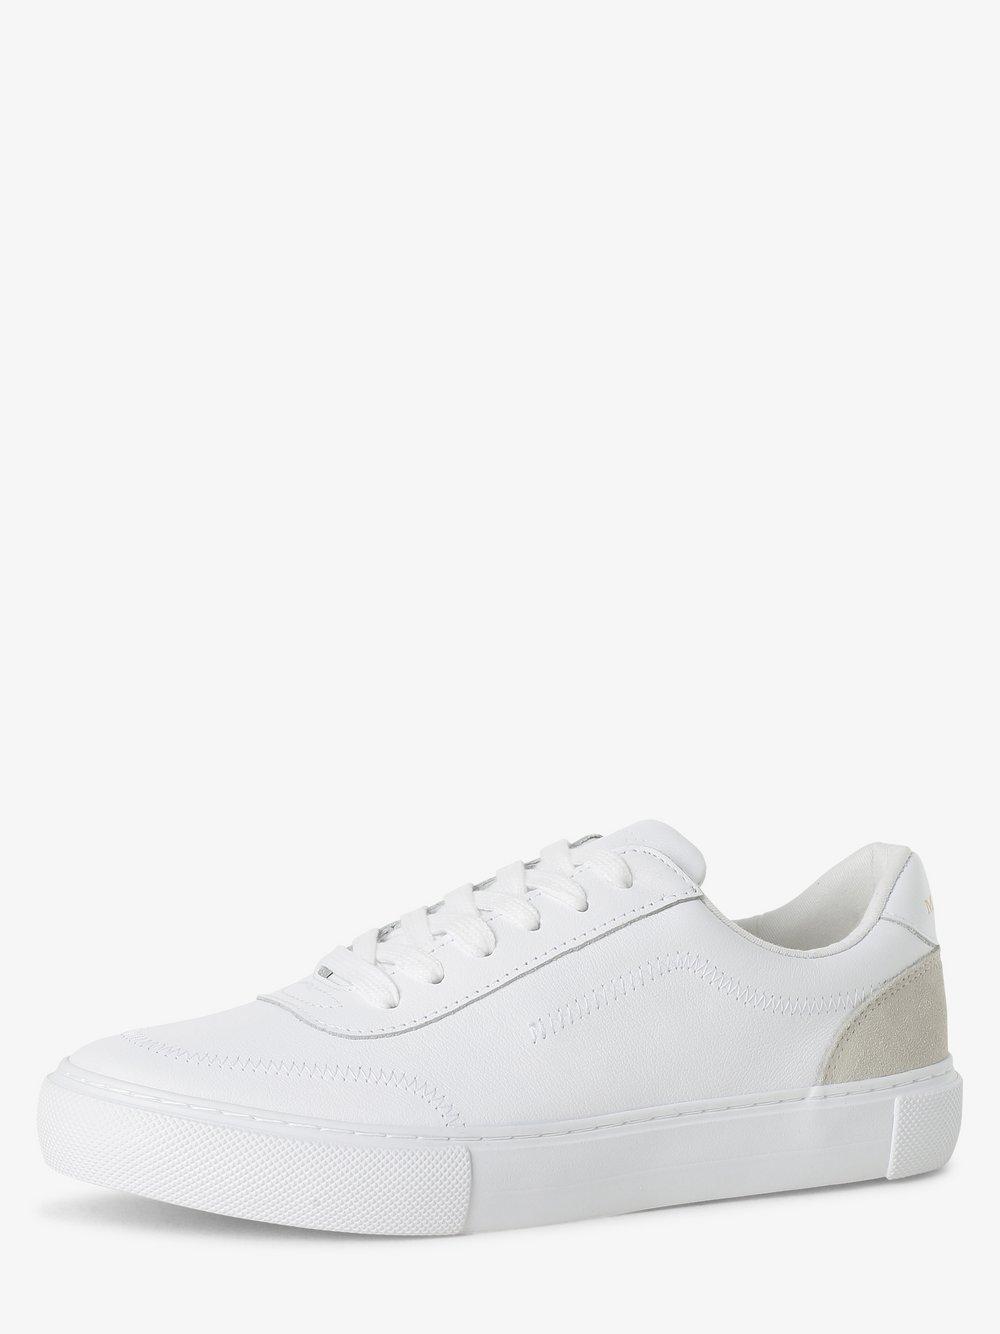 Marc O'Polo - Damskie tenisówki ze skóry, biały